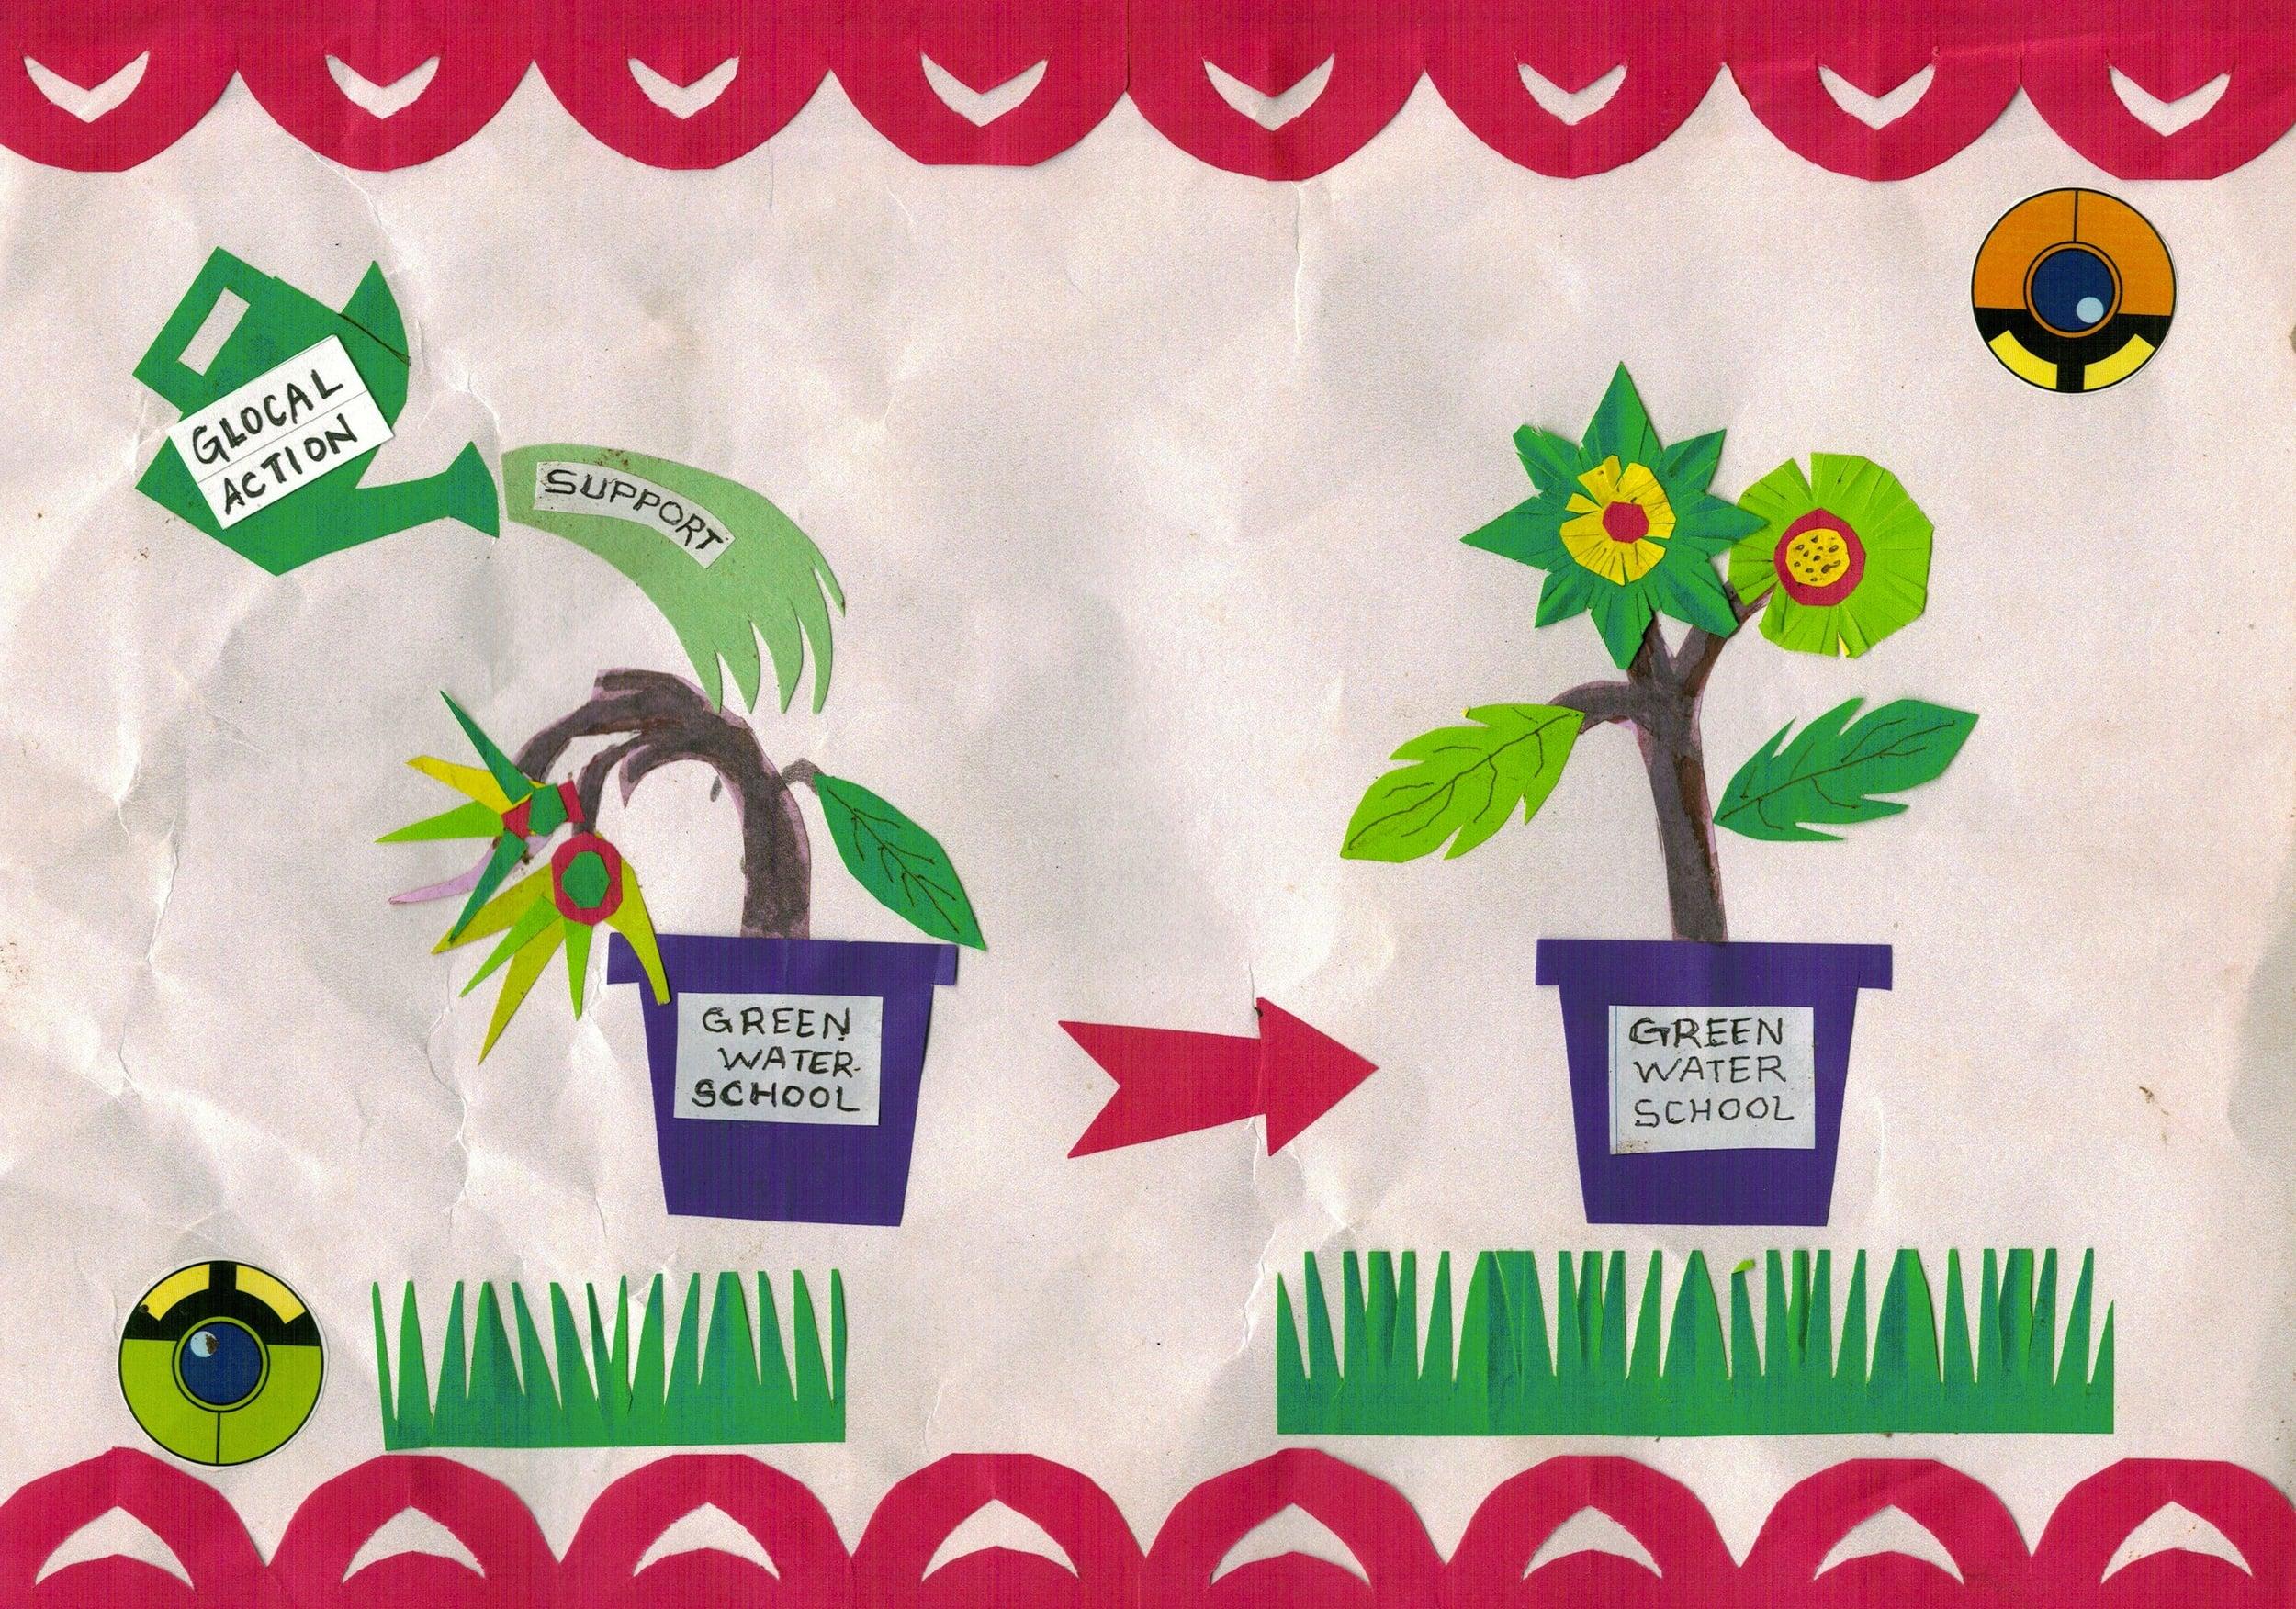 綠水小學校長 Ko Ko Zaw 親手製作的卡片,描繪 Glocal Action 給綠水小學的灌溉~